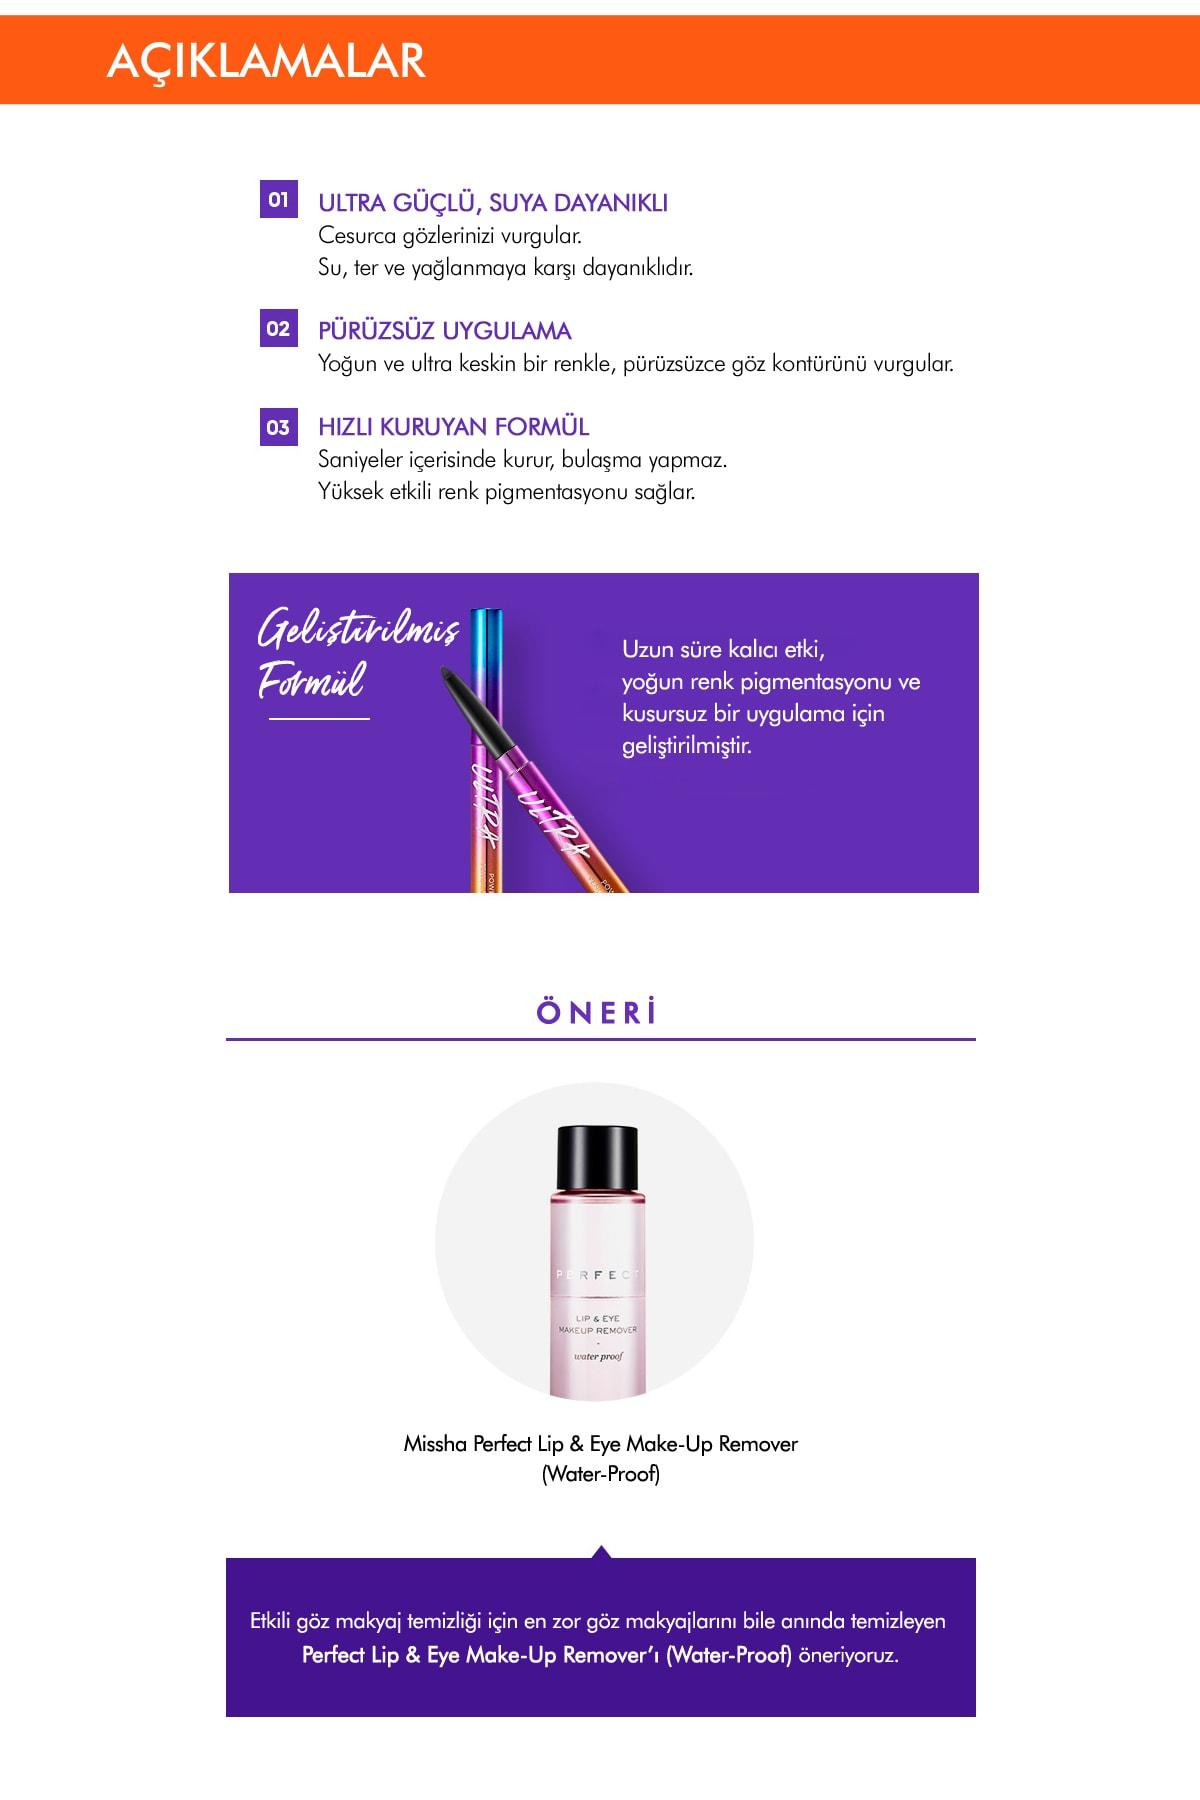 Missha Kalıcı Suya Dayanıklı Jel Göz Kalemi - Ultra Powerproof Pencil Eyeliner Black 8809643506175 2